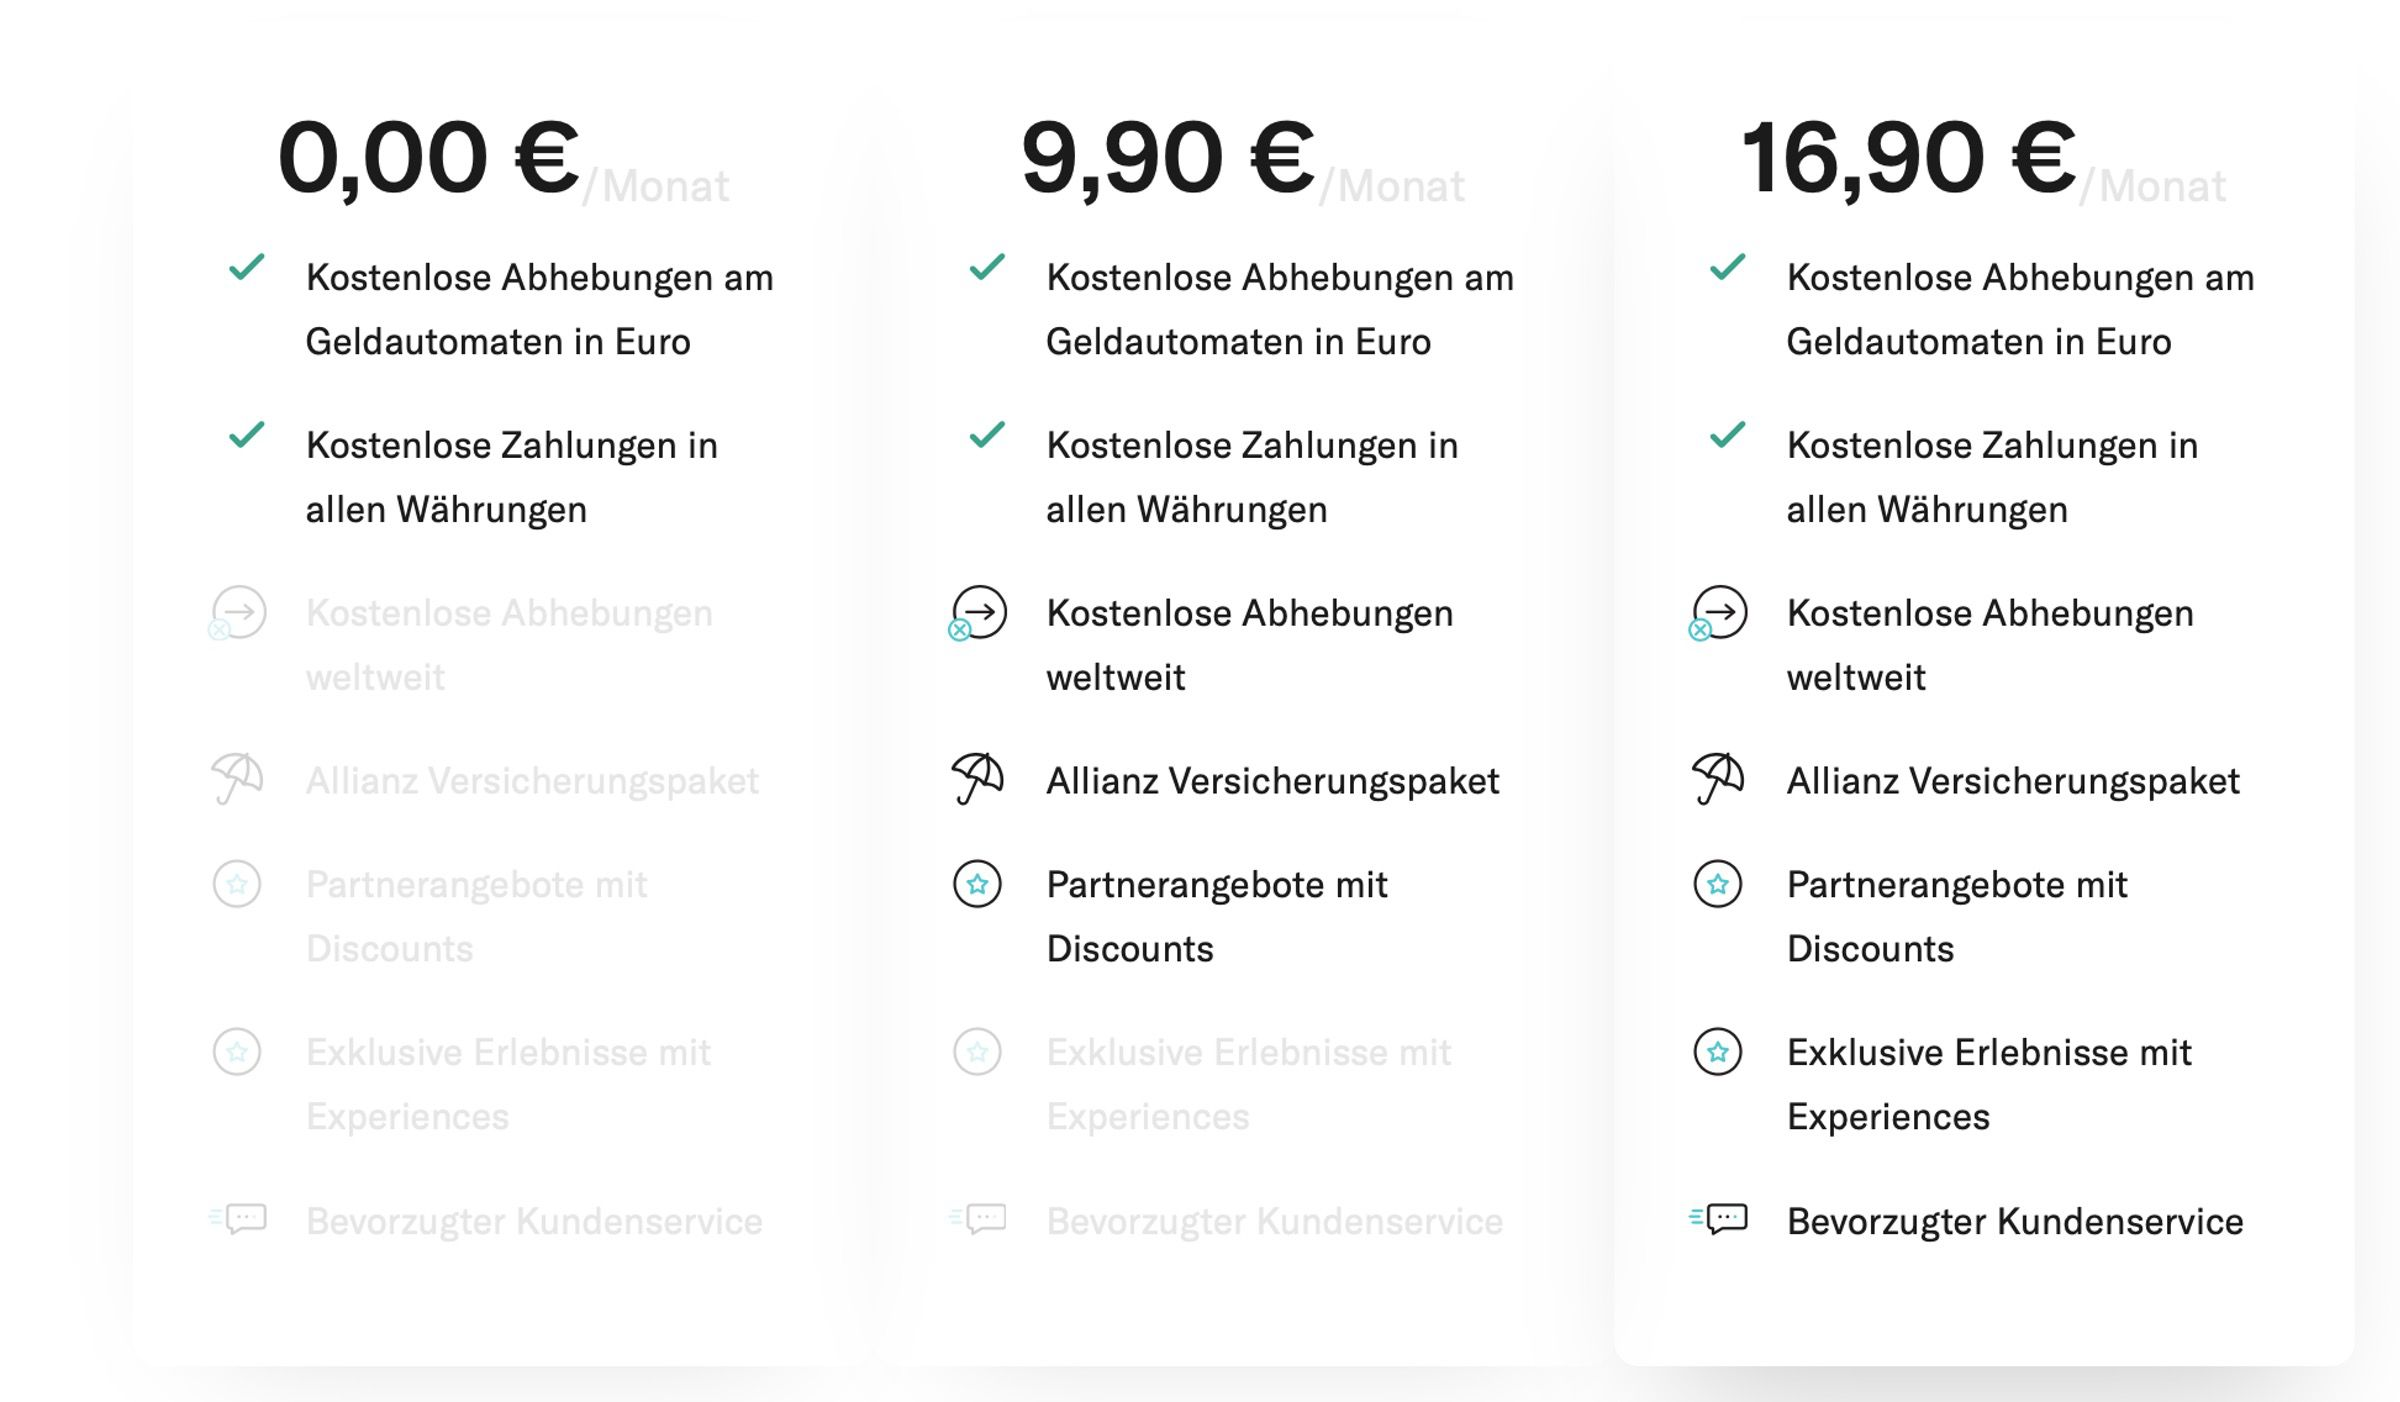 Die Kosten für die drei Konto-Arten